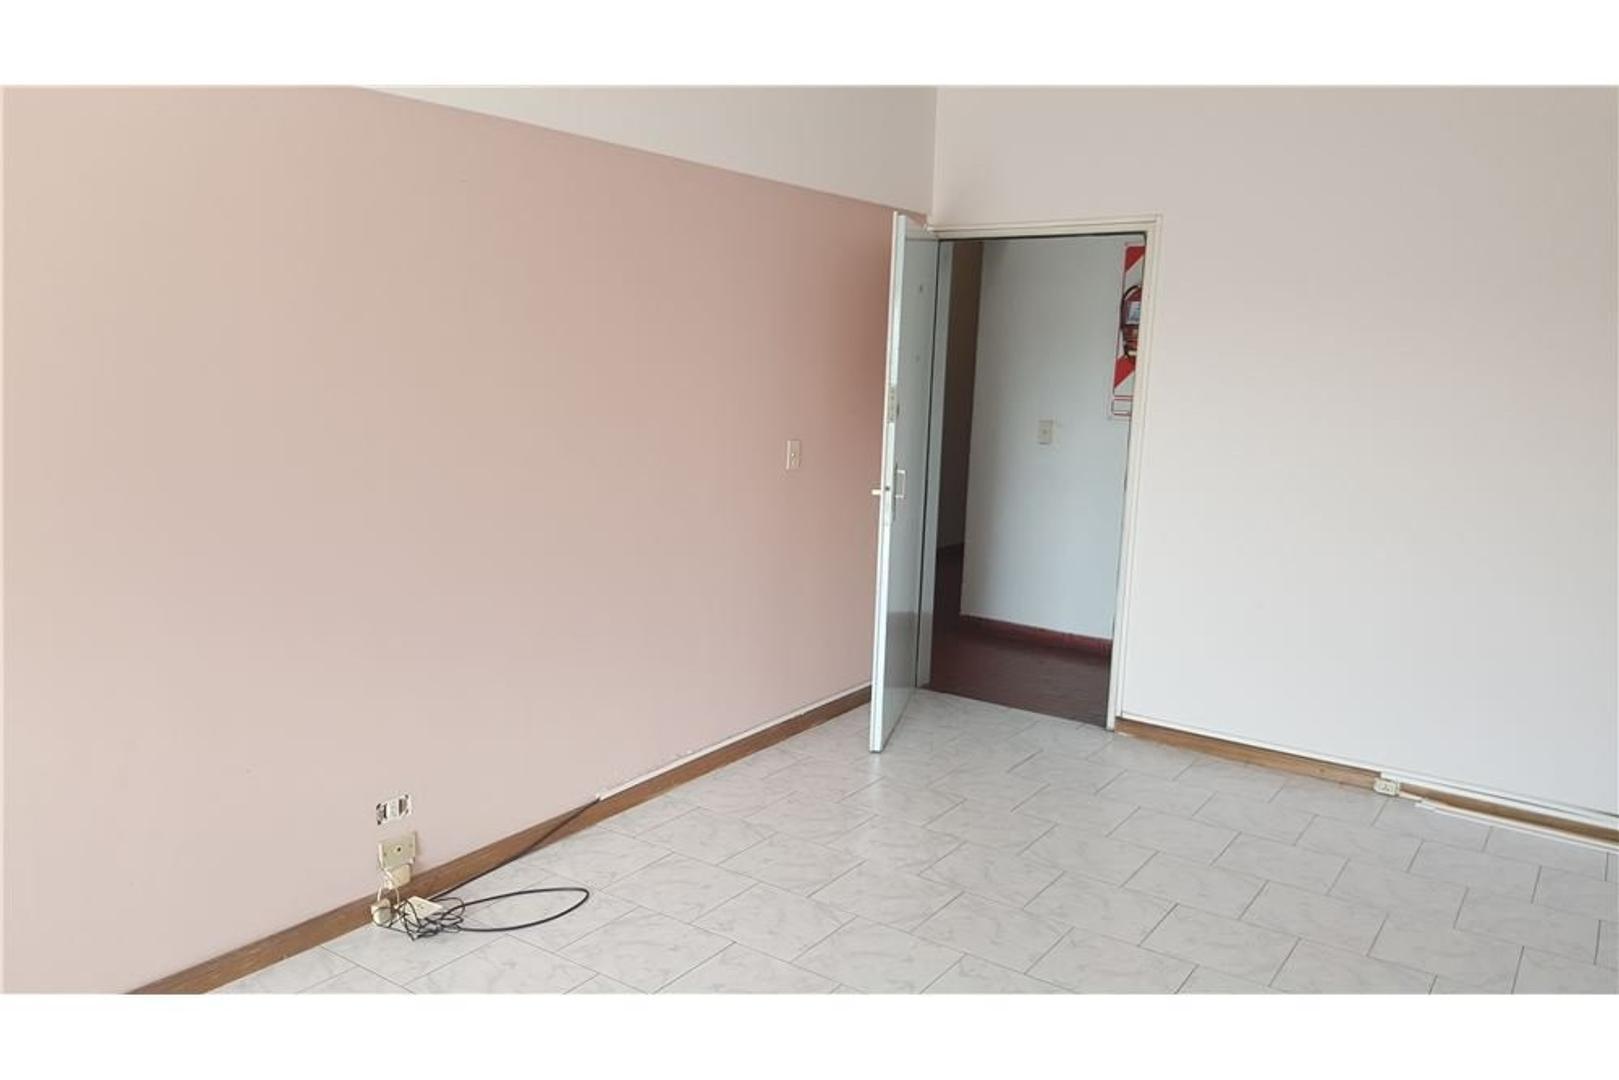 Amplio departmento 4 ambientes y cochera.